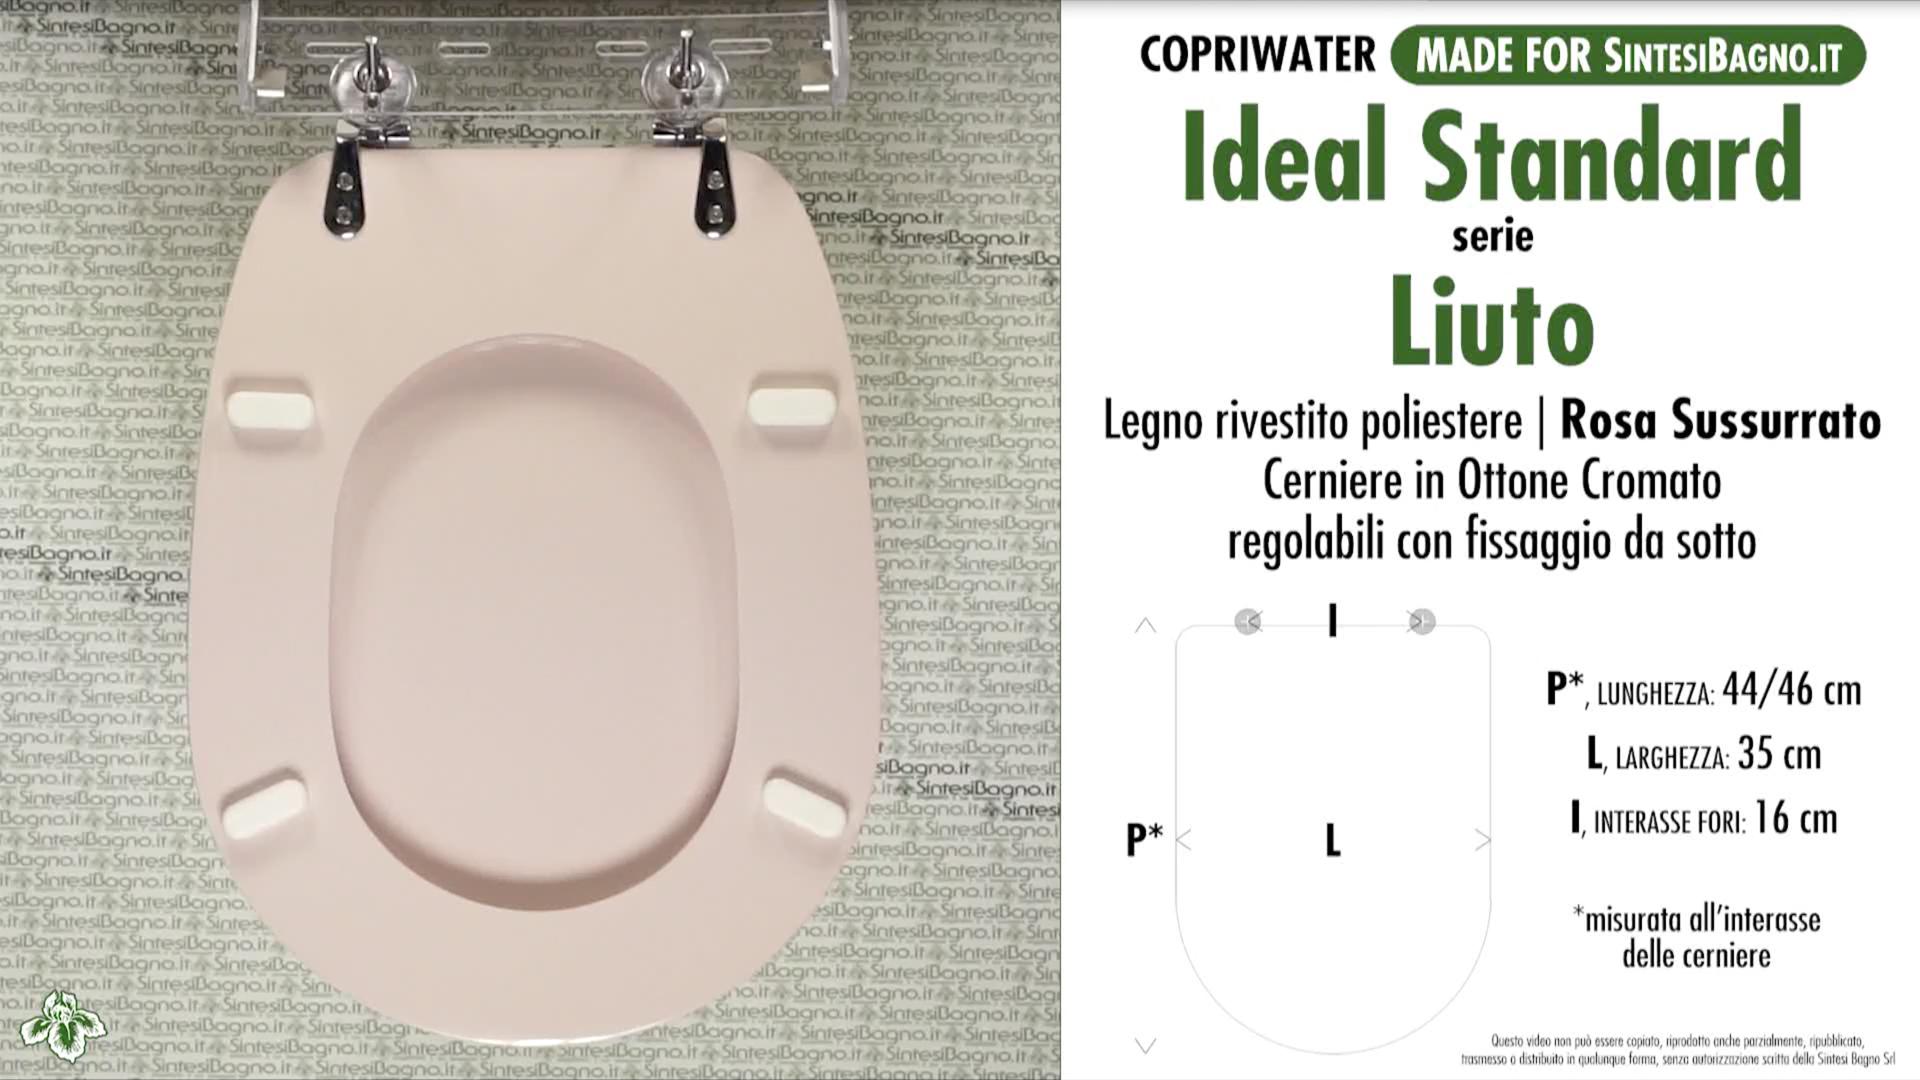 SCHEDA TECNICA MISURE copriwater IDEAL STANDARD LIUTO